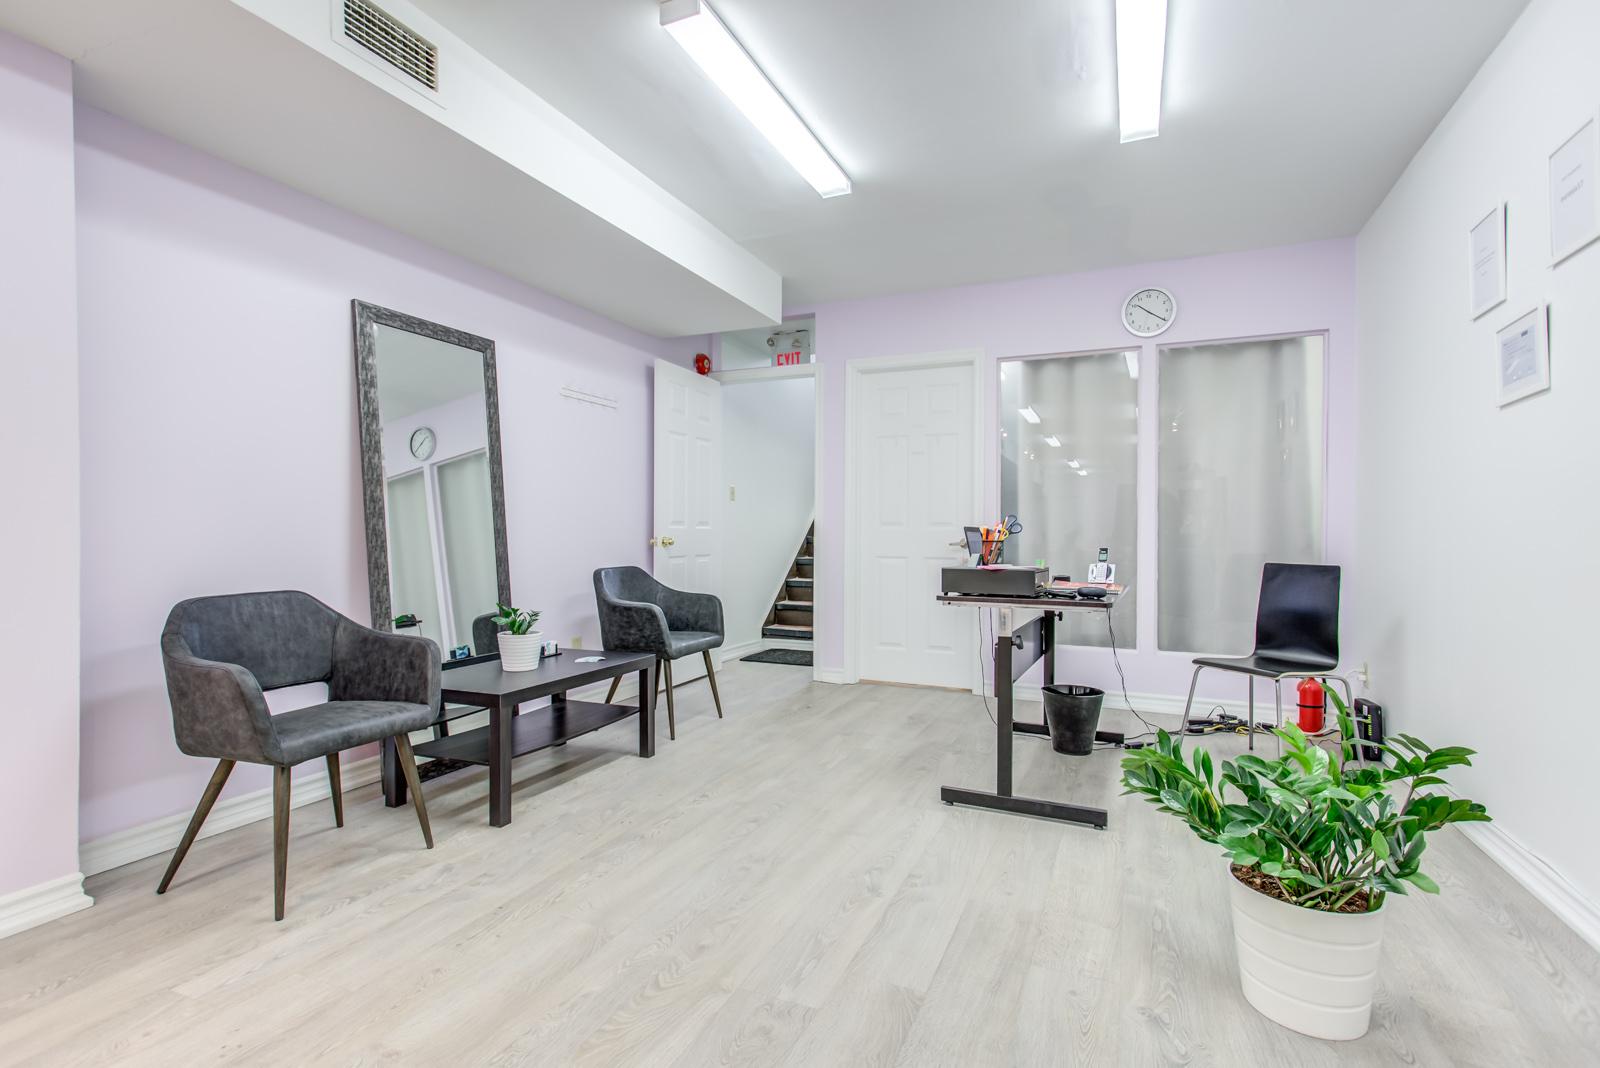 642 queen st w hair salon waiting area